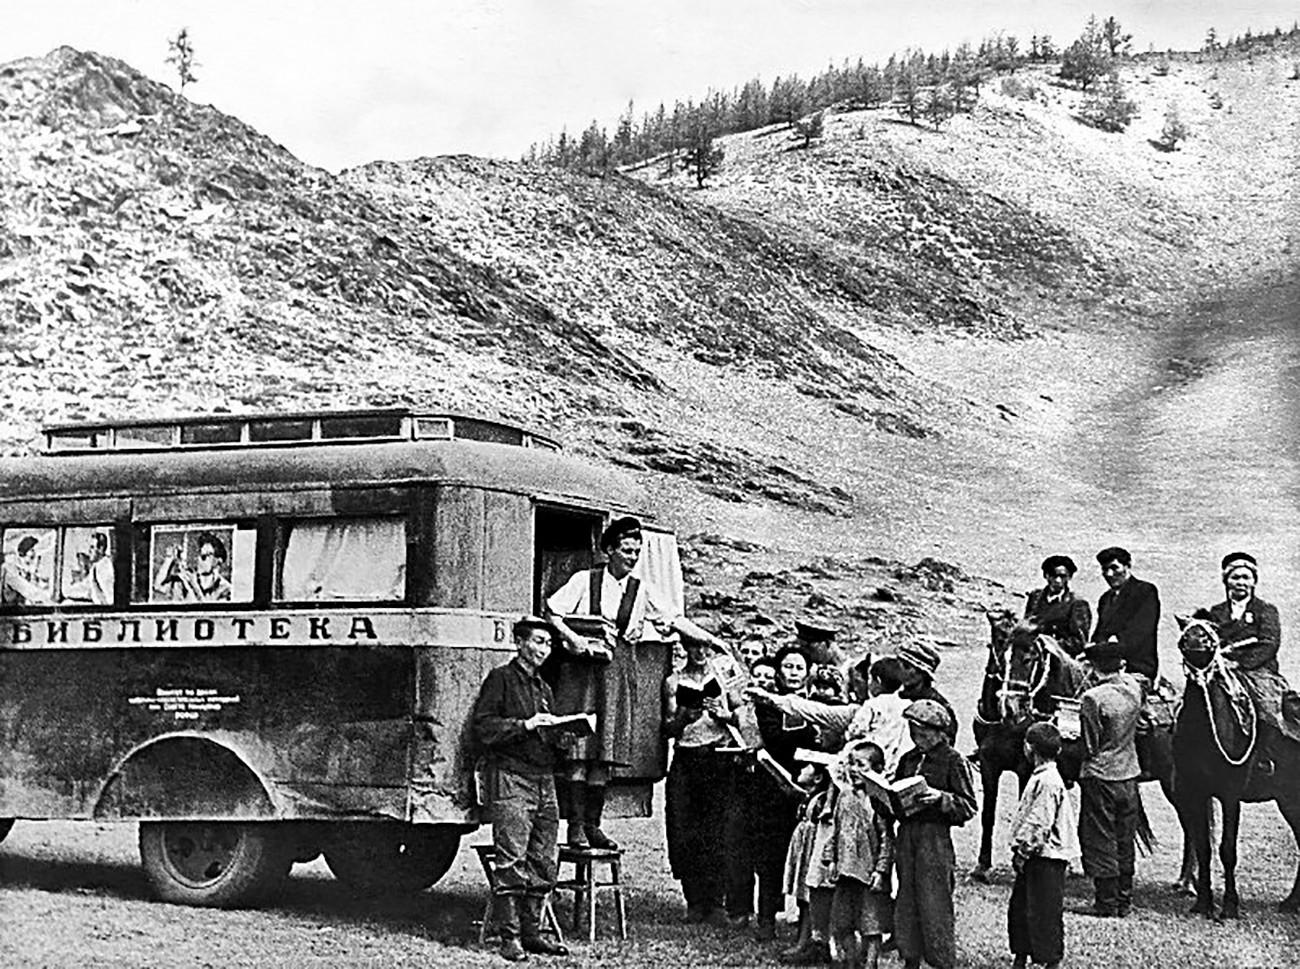 移動図書館、アルタイ地方、ディアヌィ・ディオル・コルホーズ、 1937-1939年